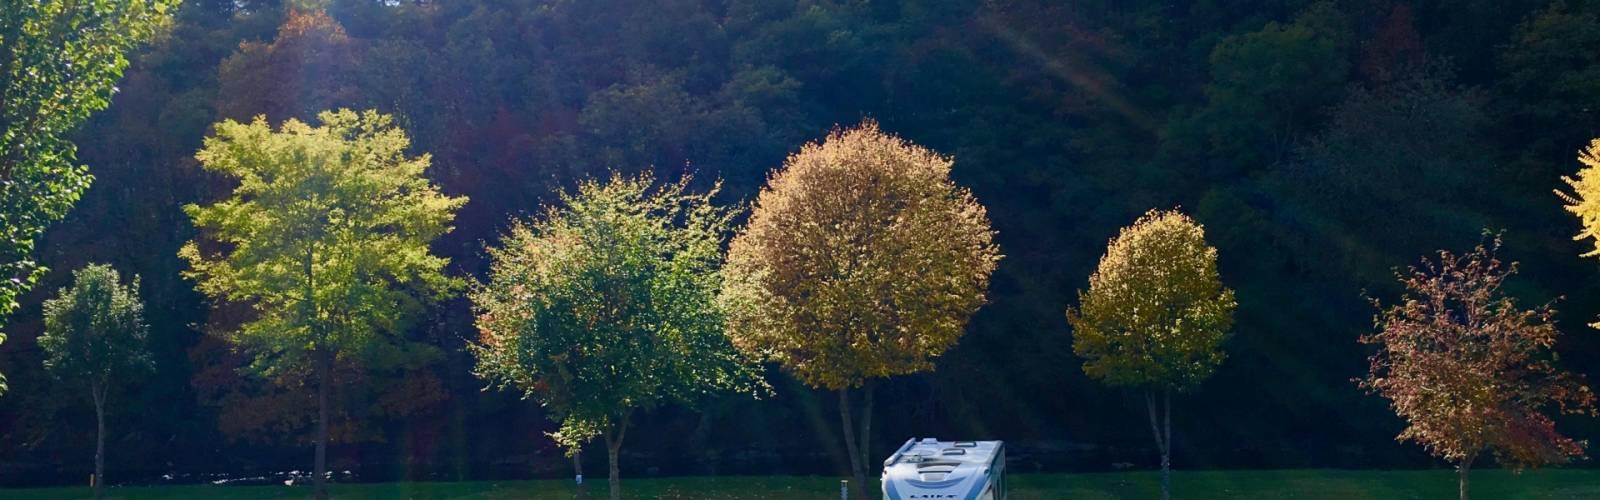 camping kohnenhof 2019 camper